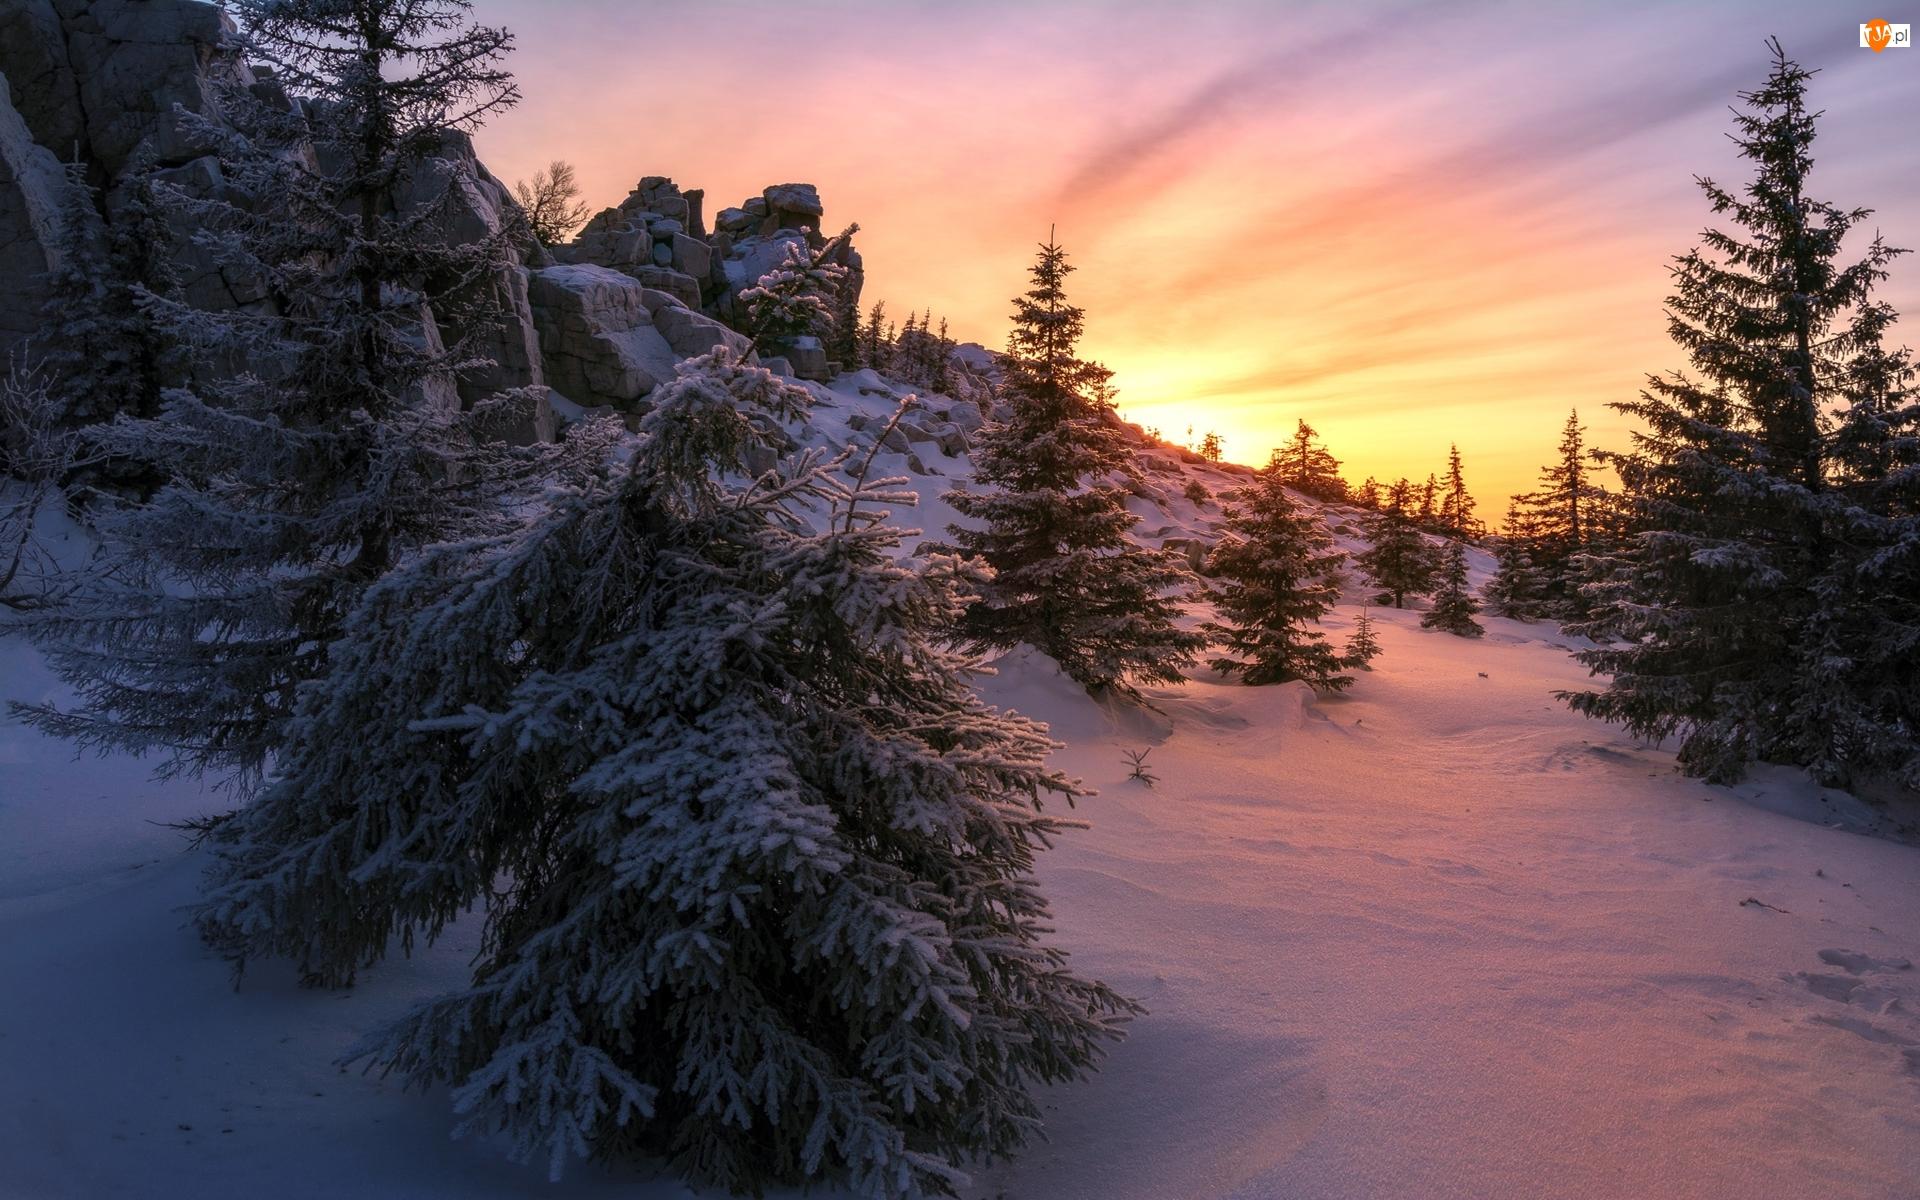 Drzewa, Skały, Rosja, Zima, Obwód czelabiński, Park Narodowy Ziuratkul, Zachód słońca